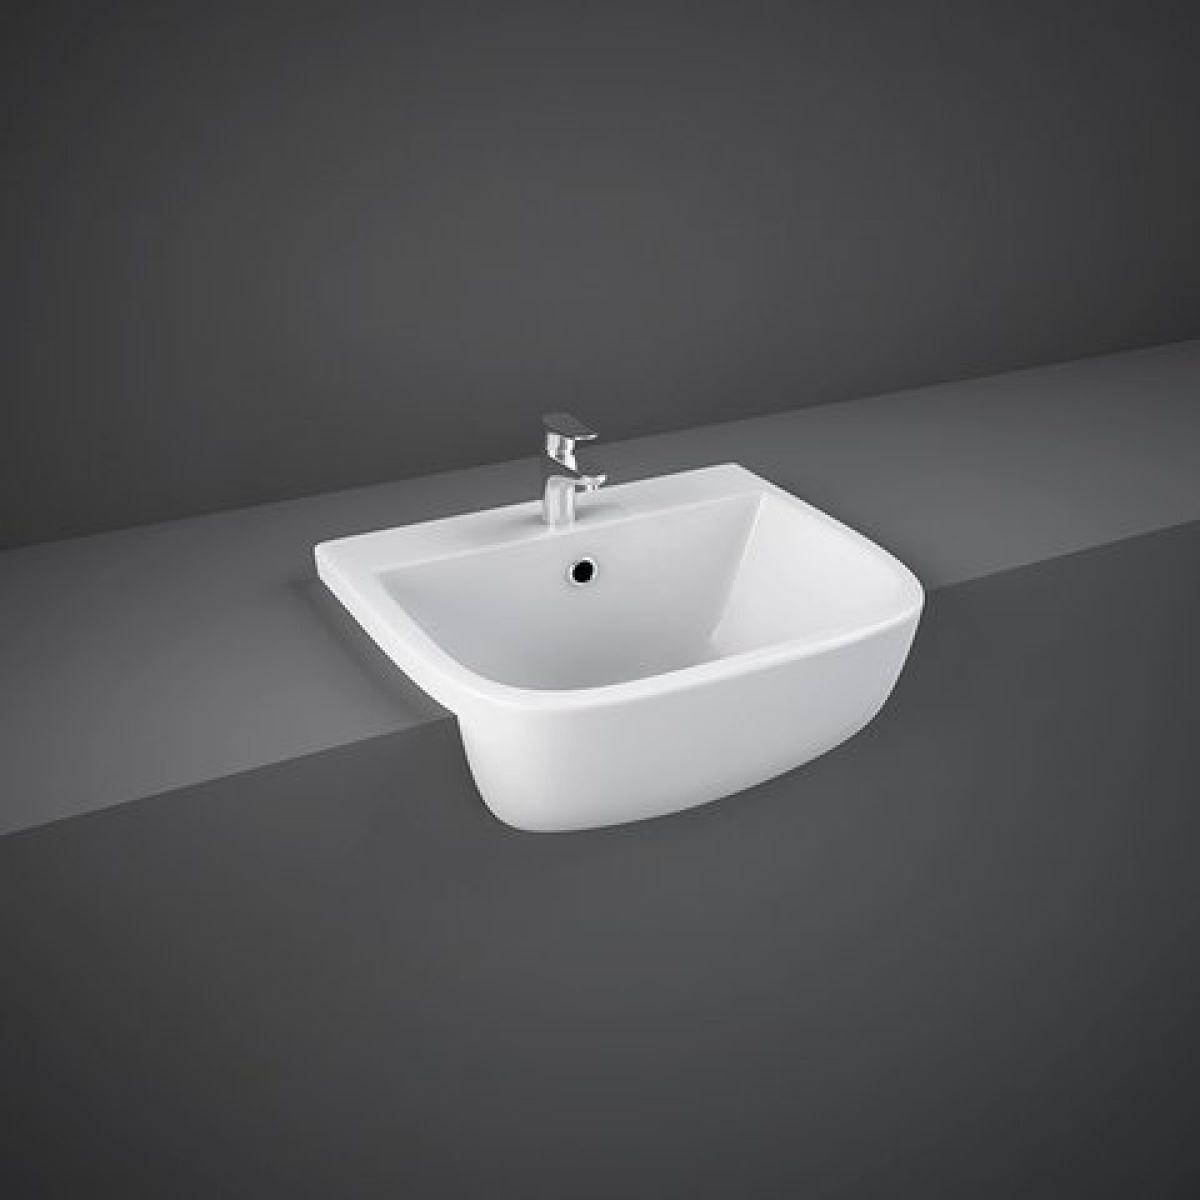 RAK Series 600 420mm Semi-Recessed Wash Basin